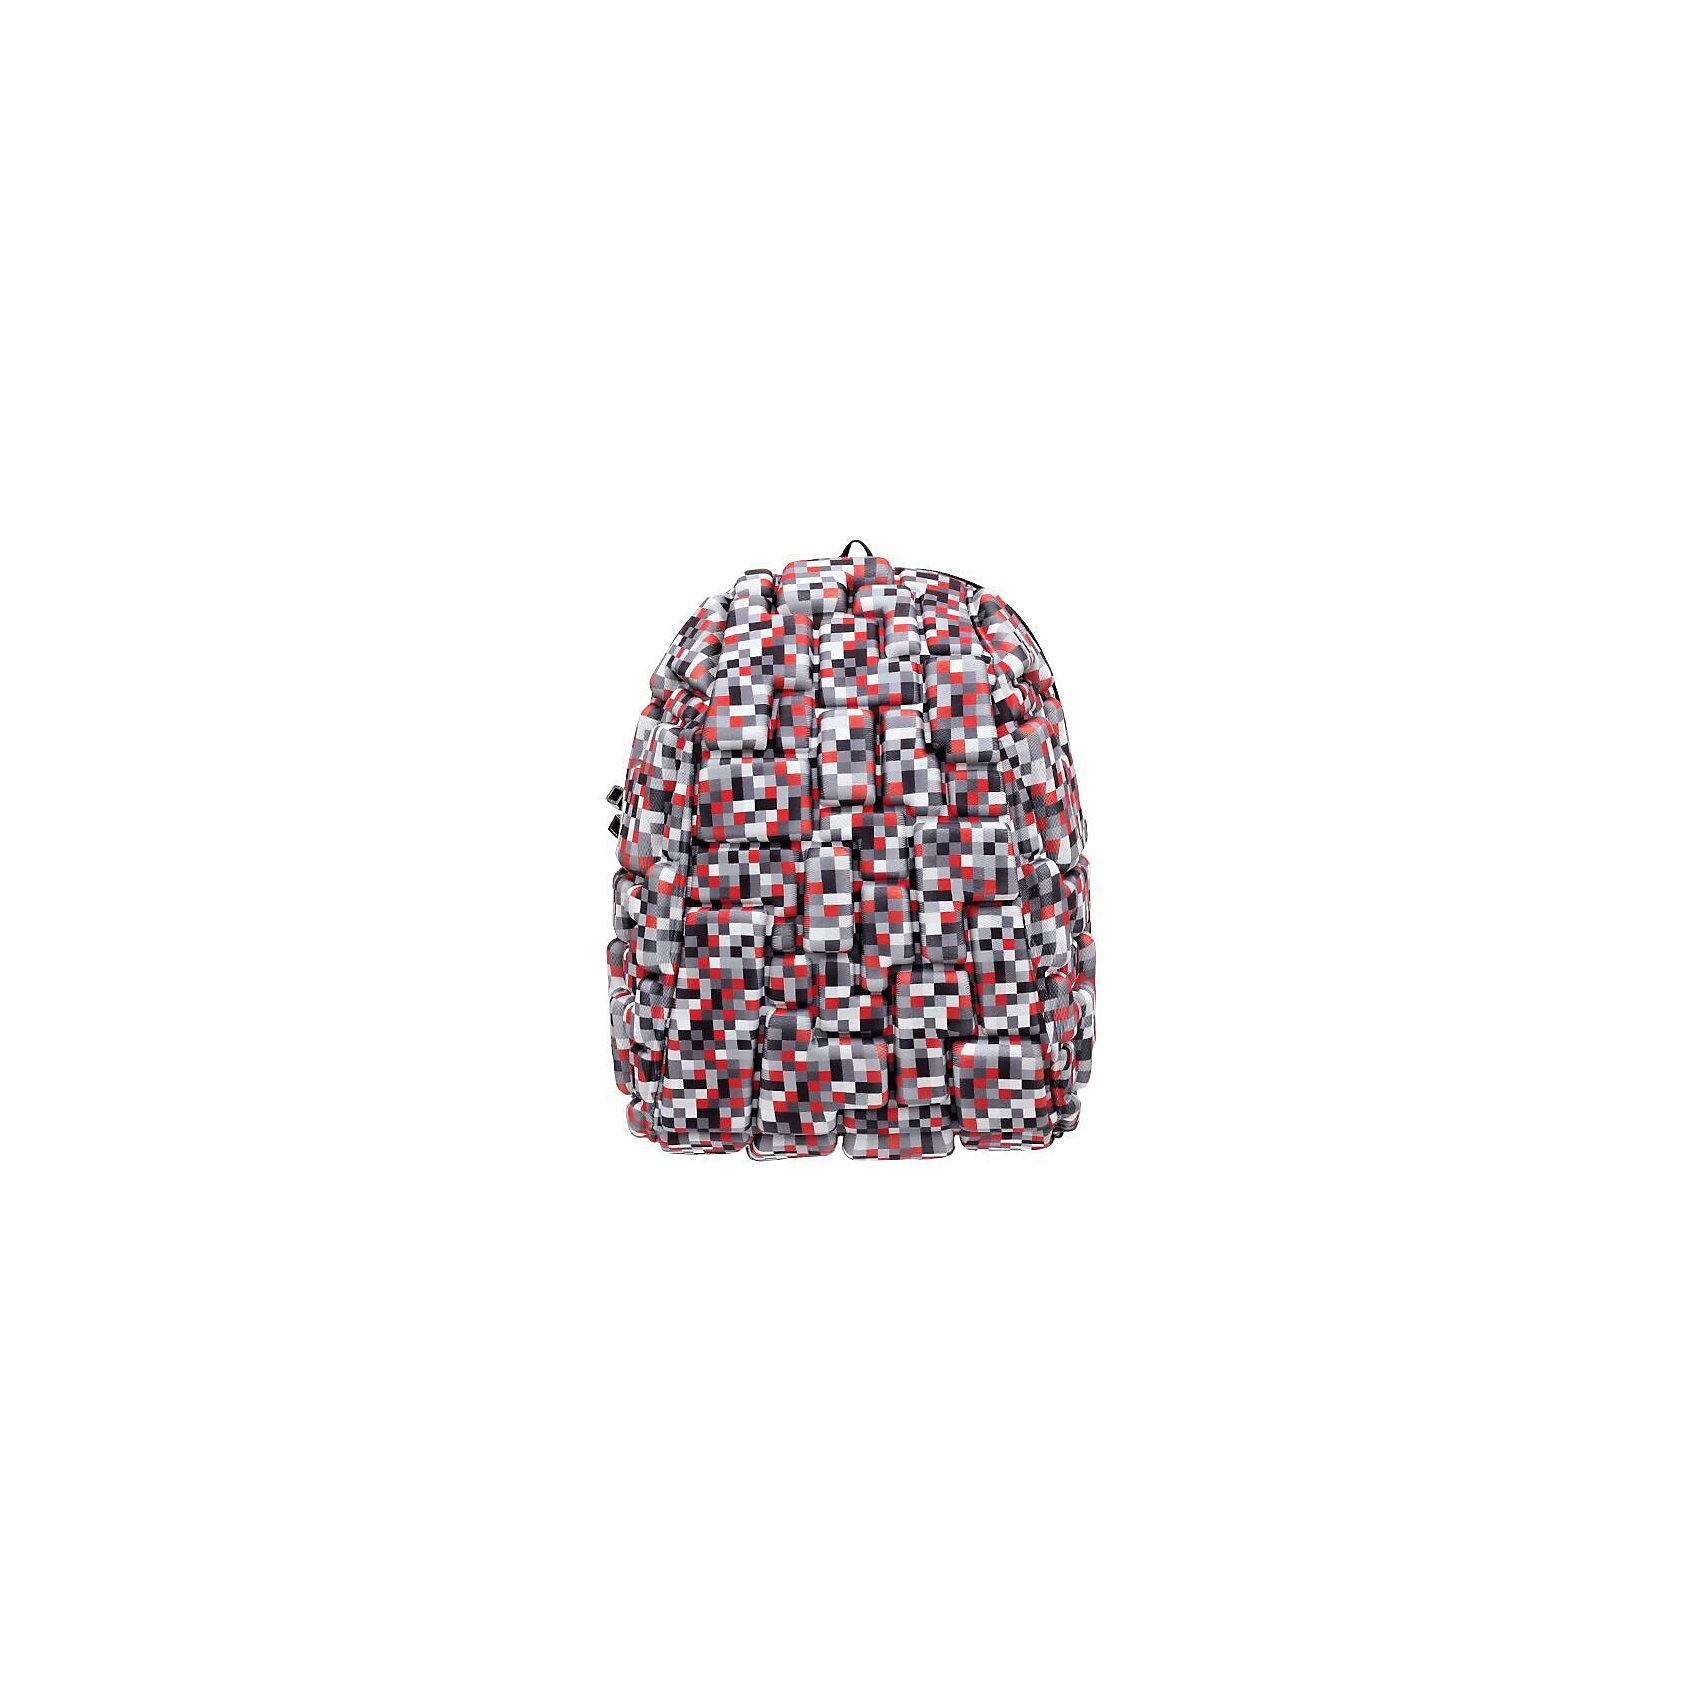 Рюкзак Blok Half Digital RED, цвет красный мультиРюкзаки<br>Вес: 0,6 кг<br>Размер: 36х30х15 см<br>Состав: рюкзак<br>Наличие светоотражающих элементов: нет<br>Материал: полиспандекс<br><br>Ширина мм: 360<br>Глубина мм: 300<br>Высота мм: 150<br>Вес г: 600<br>Возраст от месяцев: 36<br>Возраст до месяцев: 720<br>Пол: Унисекс<br>Возраст: Детский<br>SKU: 7054115